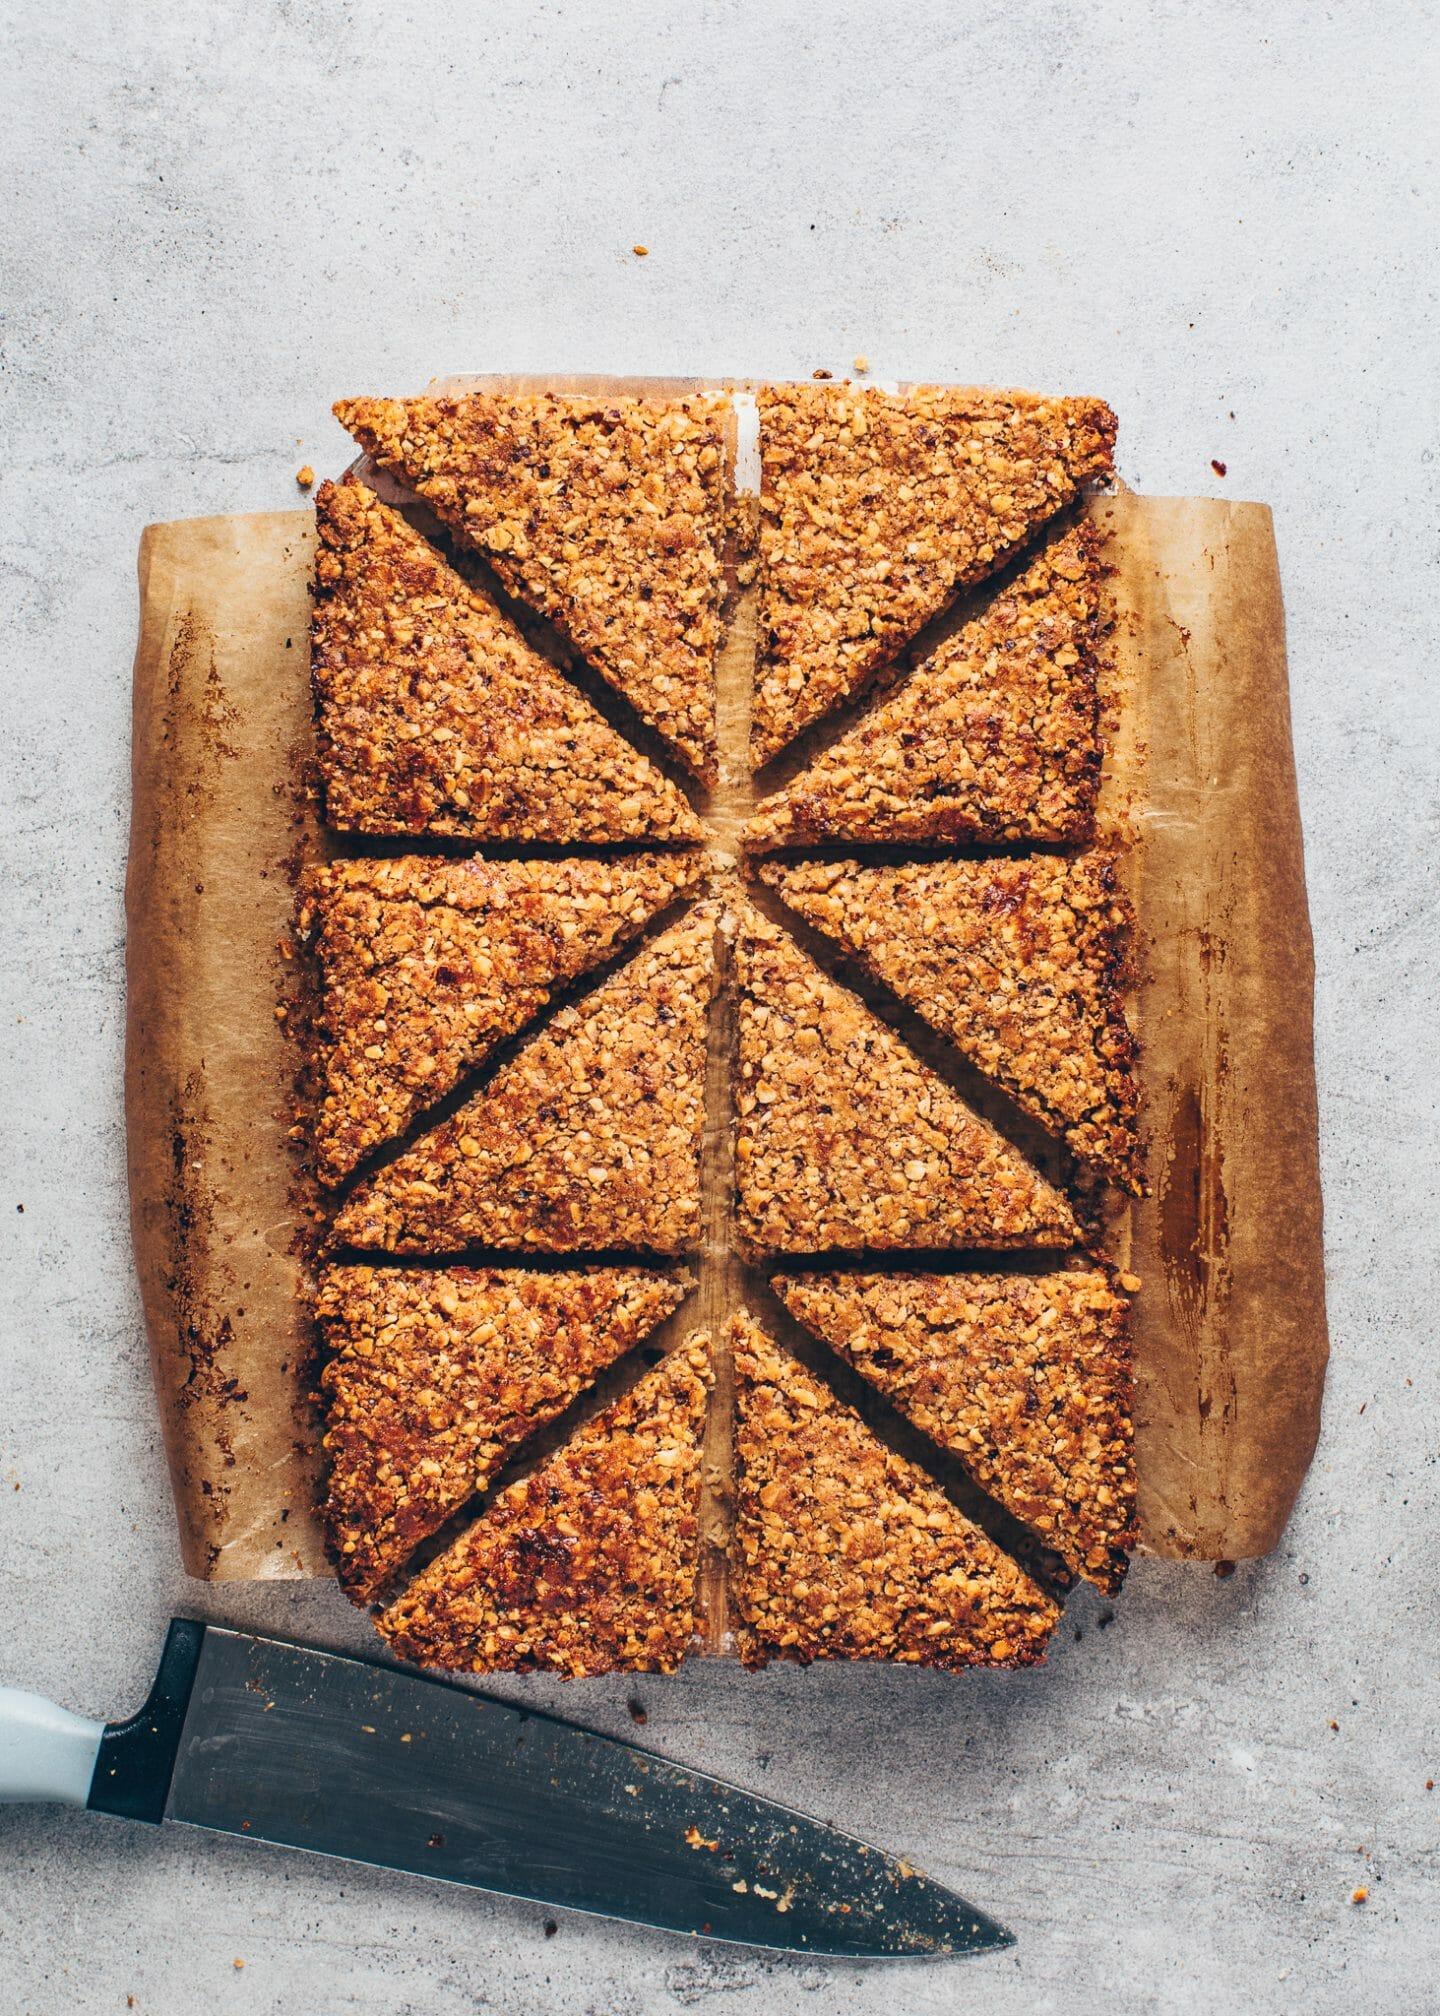 nut corners (hazelnut cookie triangles)